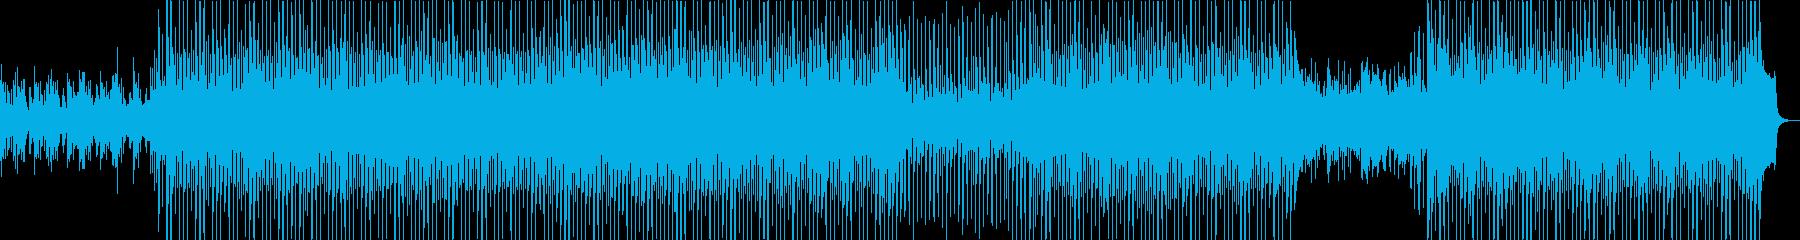 明るく爽やかな前向きなピアノのストリングの再生済みの波形